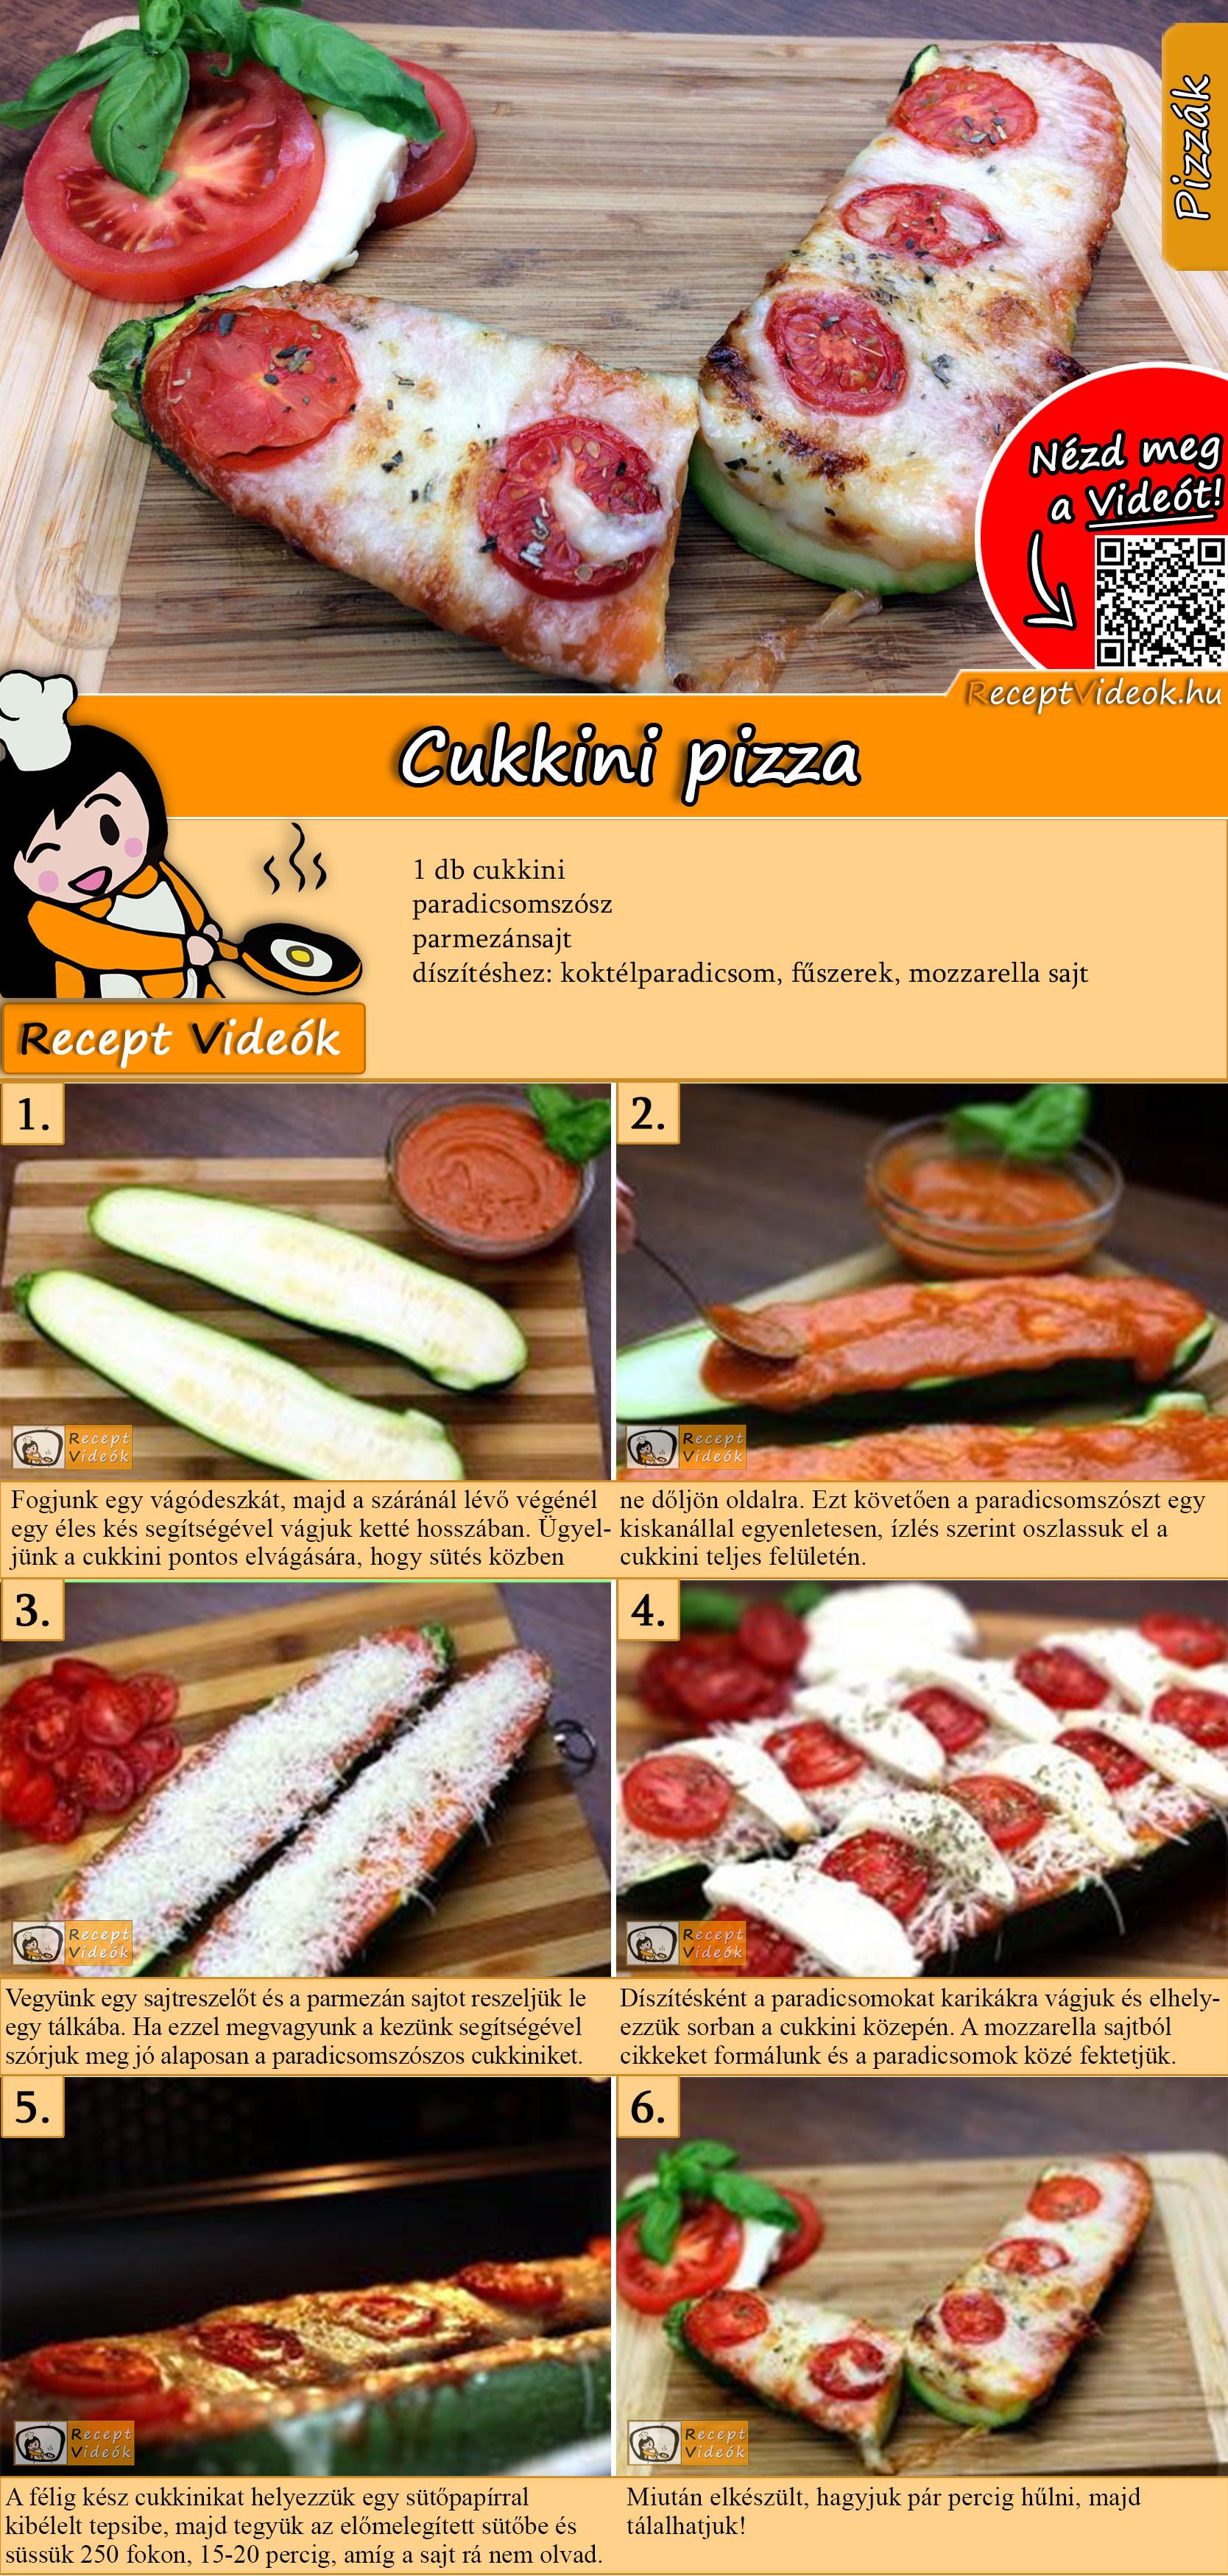 Cukkini pizza recept elkészítése videóval